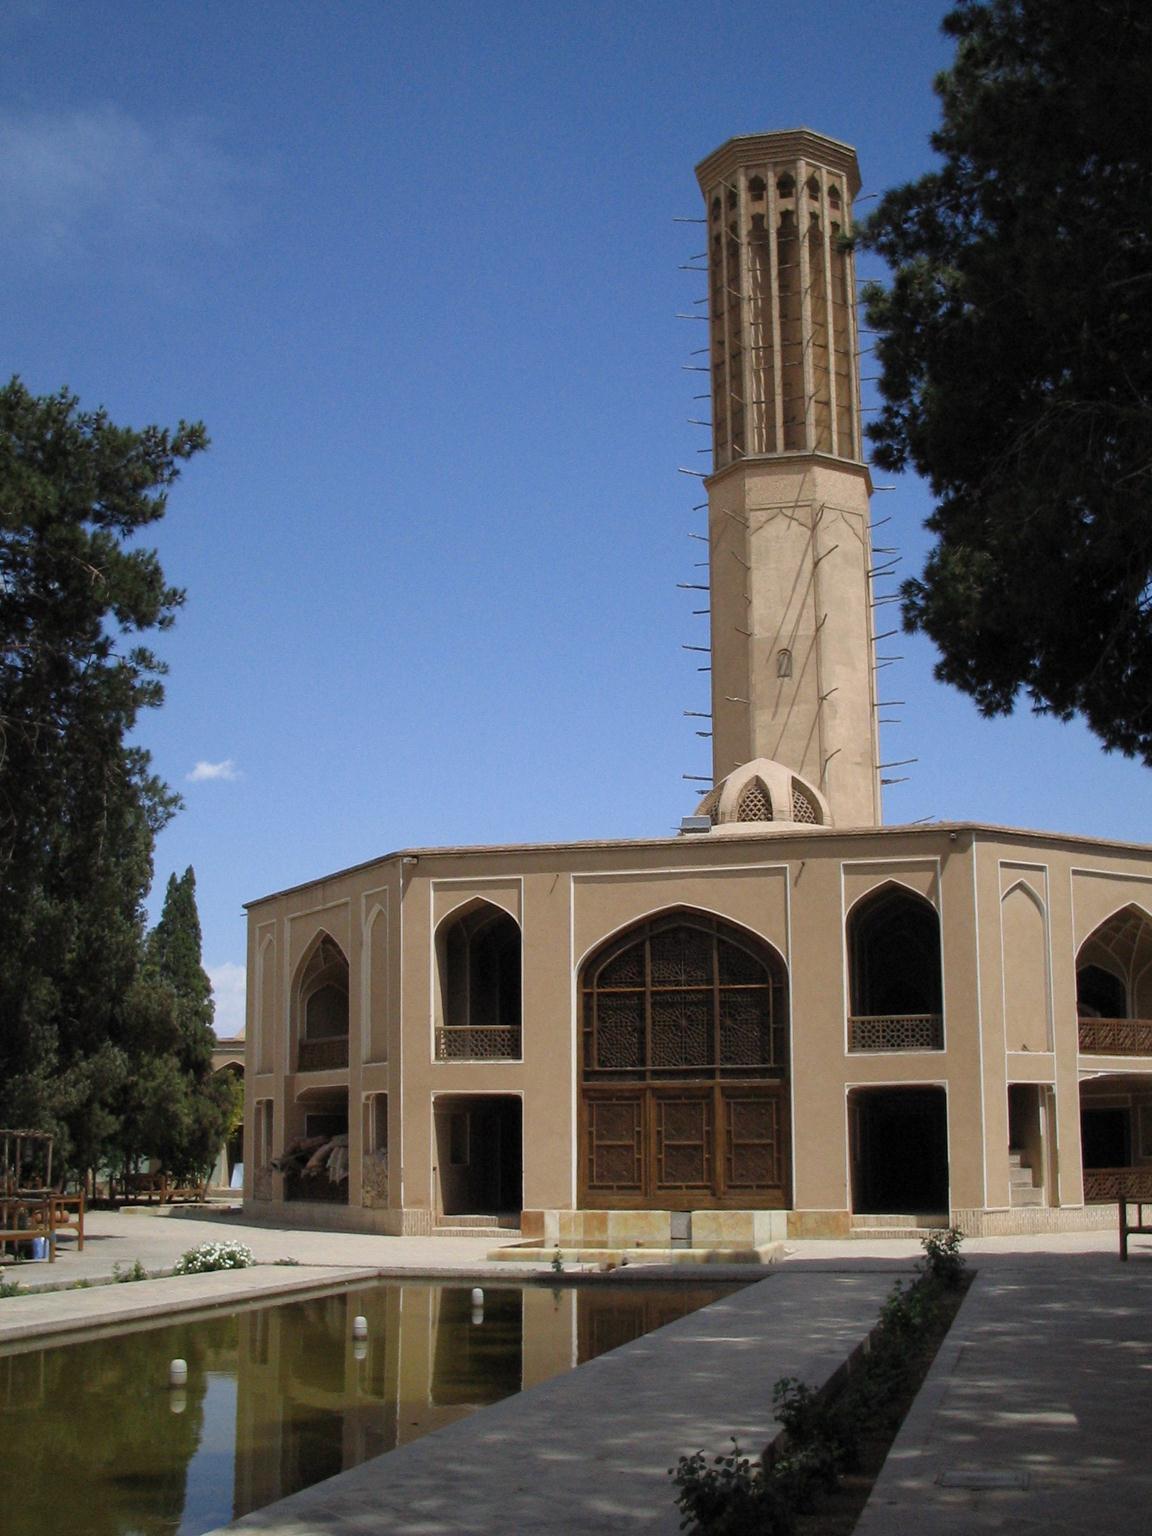 HỆ THỐNG LÀM MÁT TỰ ĐỘNG làm mát toà nhà ở thành phố Yazd, Iran: tháp đo gió, mái vòm và lỗ thông hơi. Tháp gió có tác dụng làm mát không khí bên ngoài và lưu thông gió trong toà nhà. (Hai đầu của xà gỗ dùng để gia cố công trình nhô ra khỏi toà tháp, hai đầu được đặt ở đó tạo giá đỡ cho giàn giáo để bảo quản toà tháp.) Mái vòm ở chân toà tháp có tác dụng giữ cho căn phòng dưới mái luôn mát mẻ. Kết cấu hẹp trên nóc mái vòm bao phủ lỗ thông hơi có vai trò giữ căn phòng phía dưới luôn luôn mát và duy trì sự lưu thông không khí trong ngôi nhà. Ba hệ thống giữ cho toà nhà dễ chịu trong suốt những tháng mùa hè.- Nguồn: Flickr.com